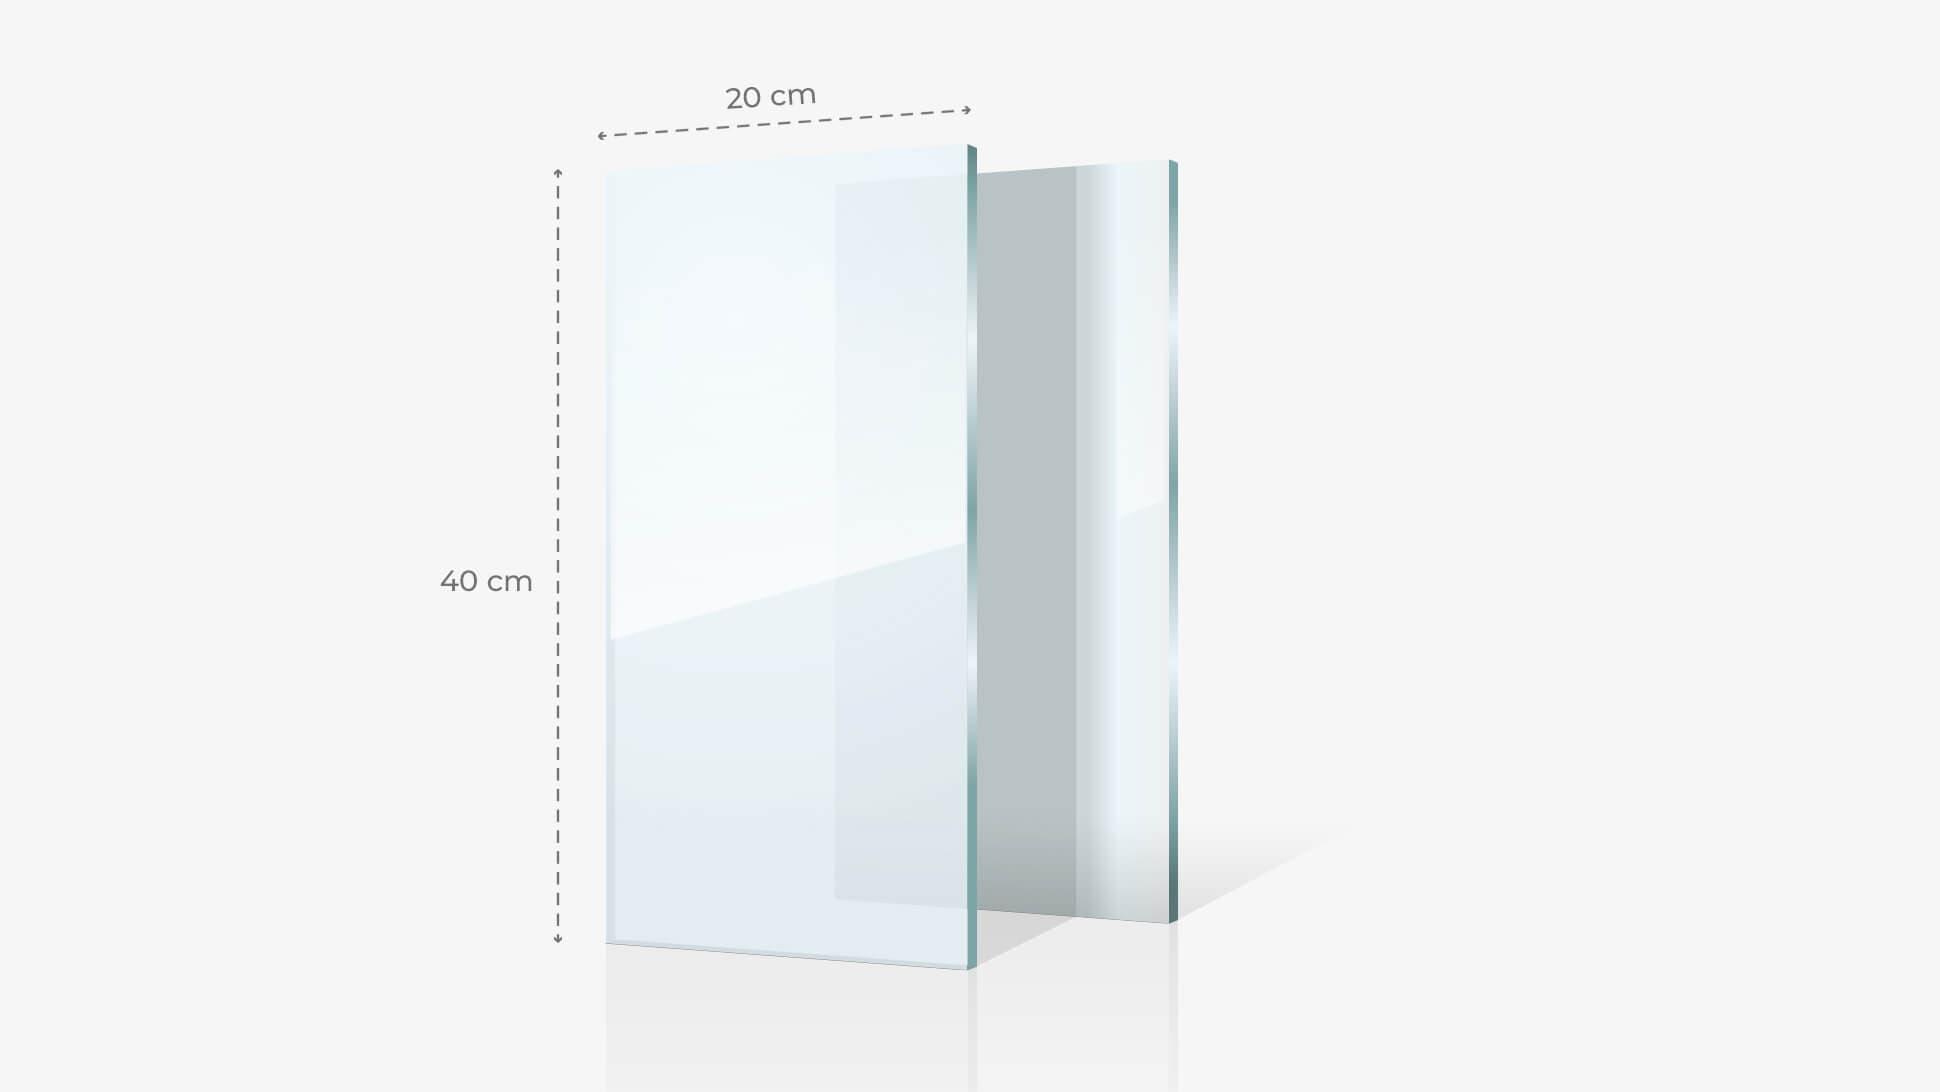 Foto su vetro acrilico 20x40 cm | tictac.it